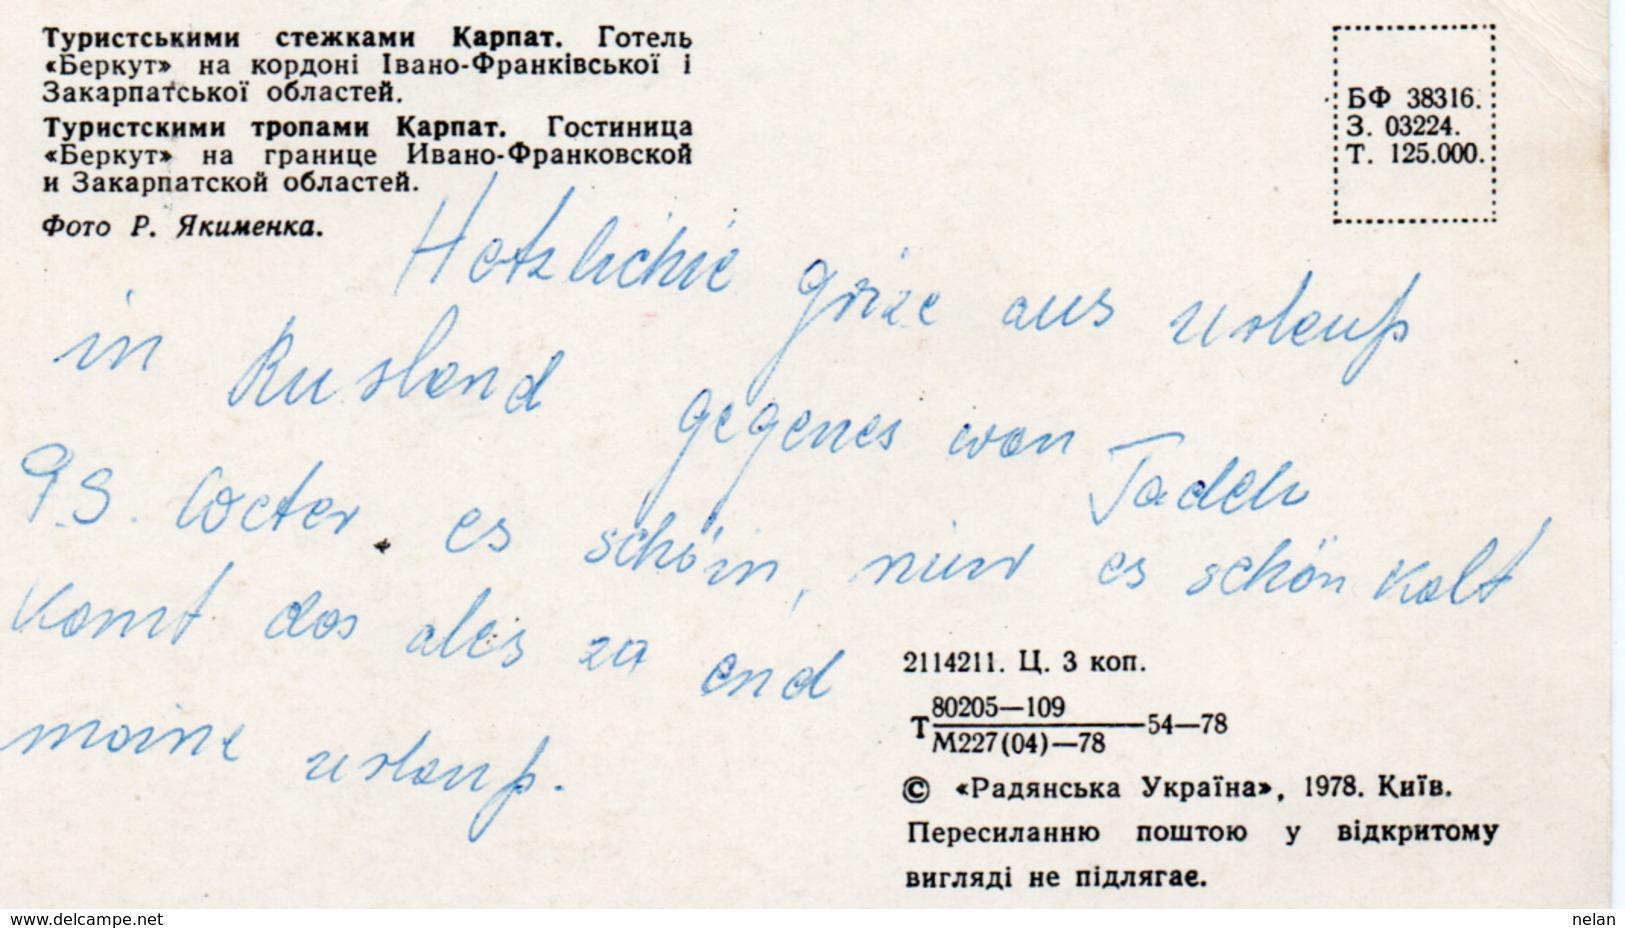 UCRAINA-1978 - Ucraina